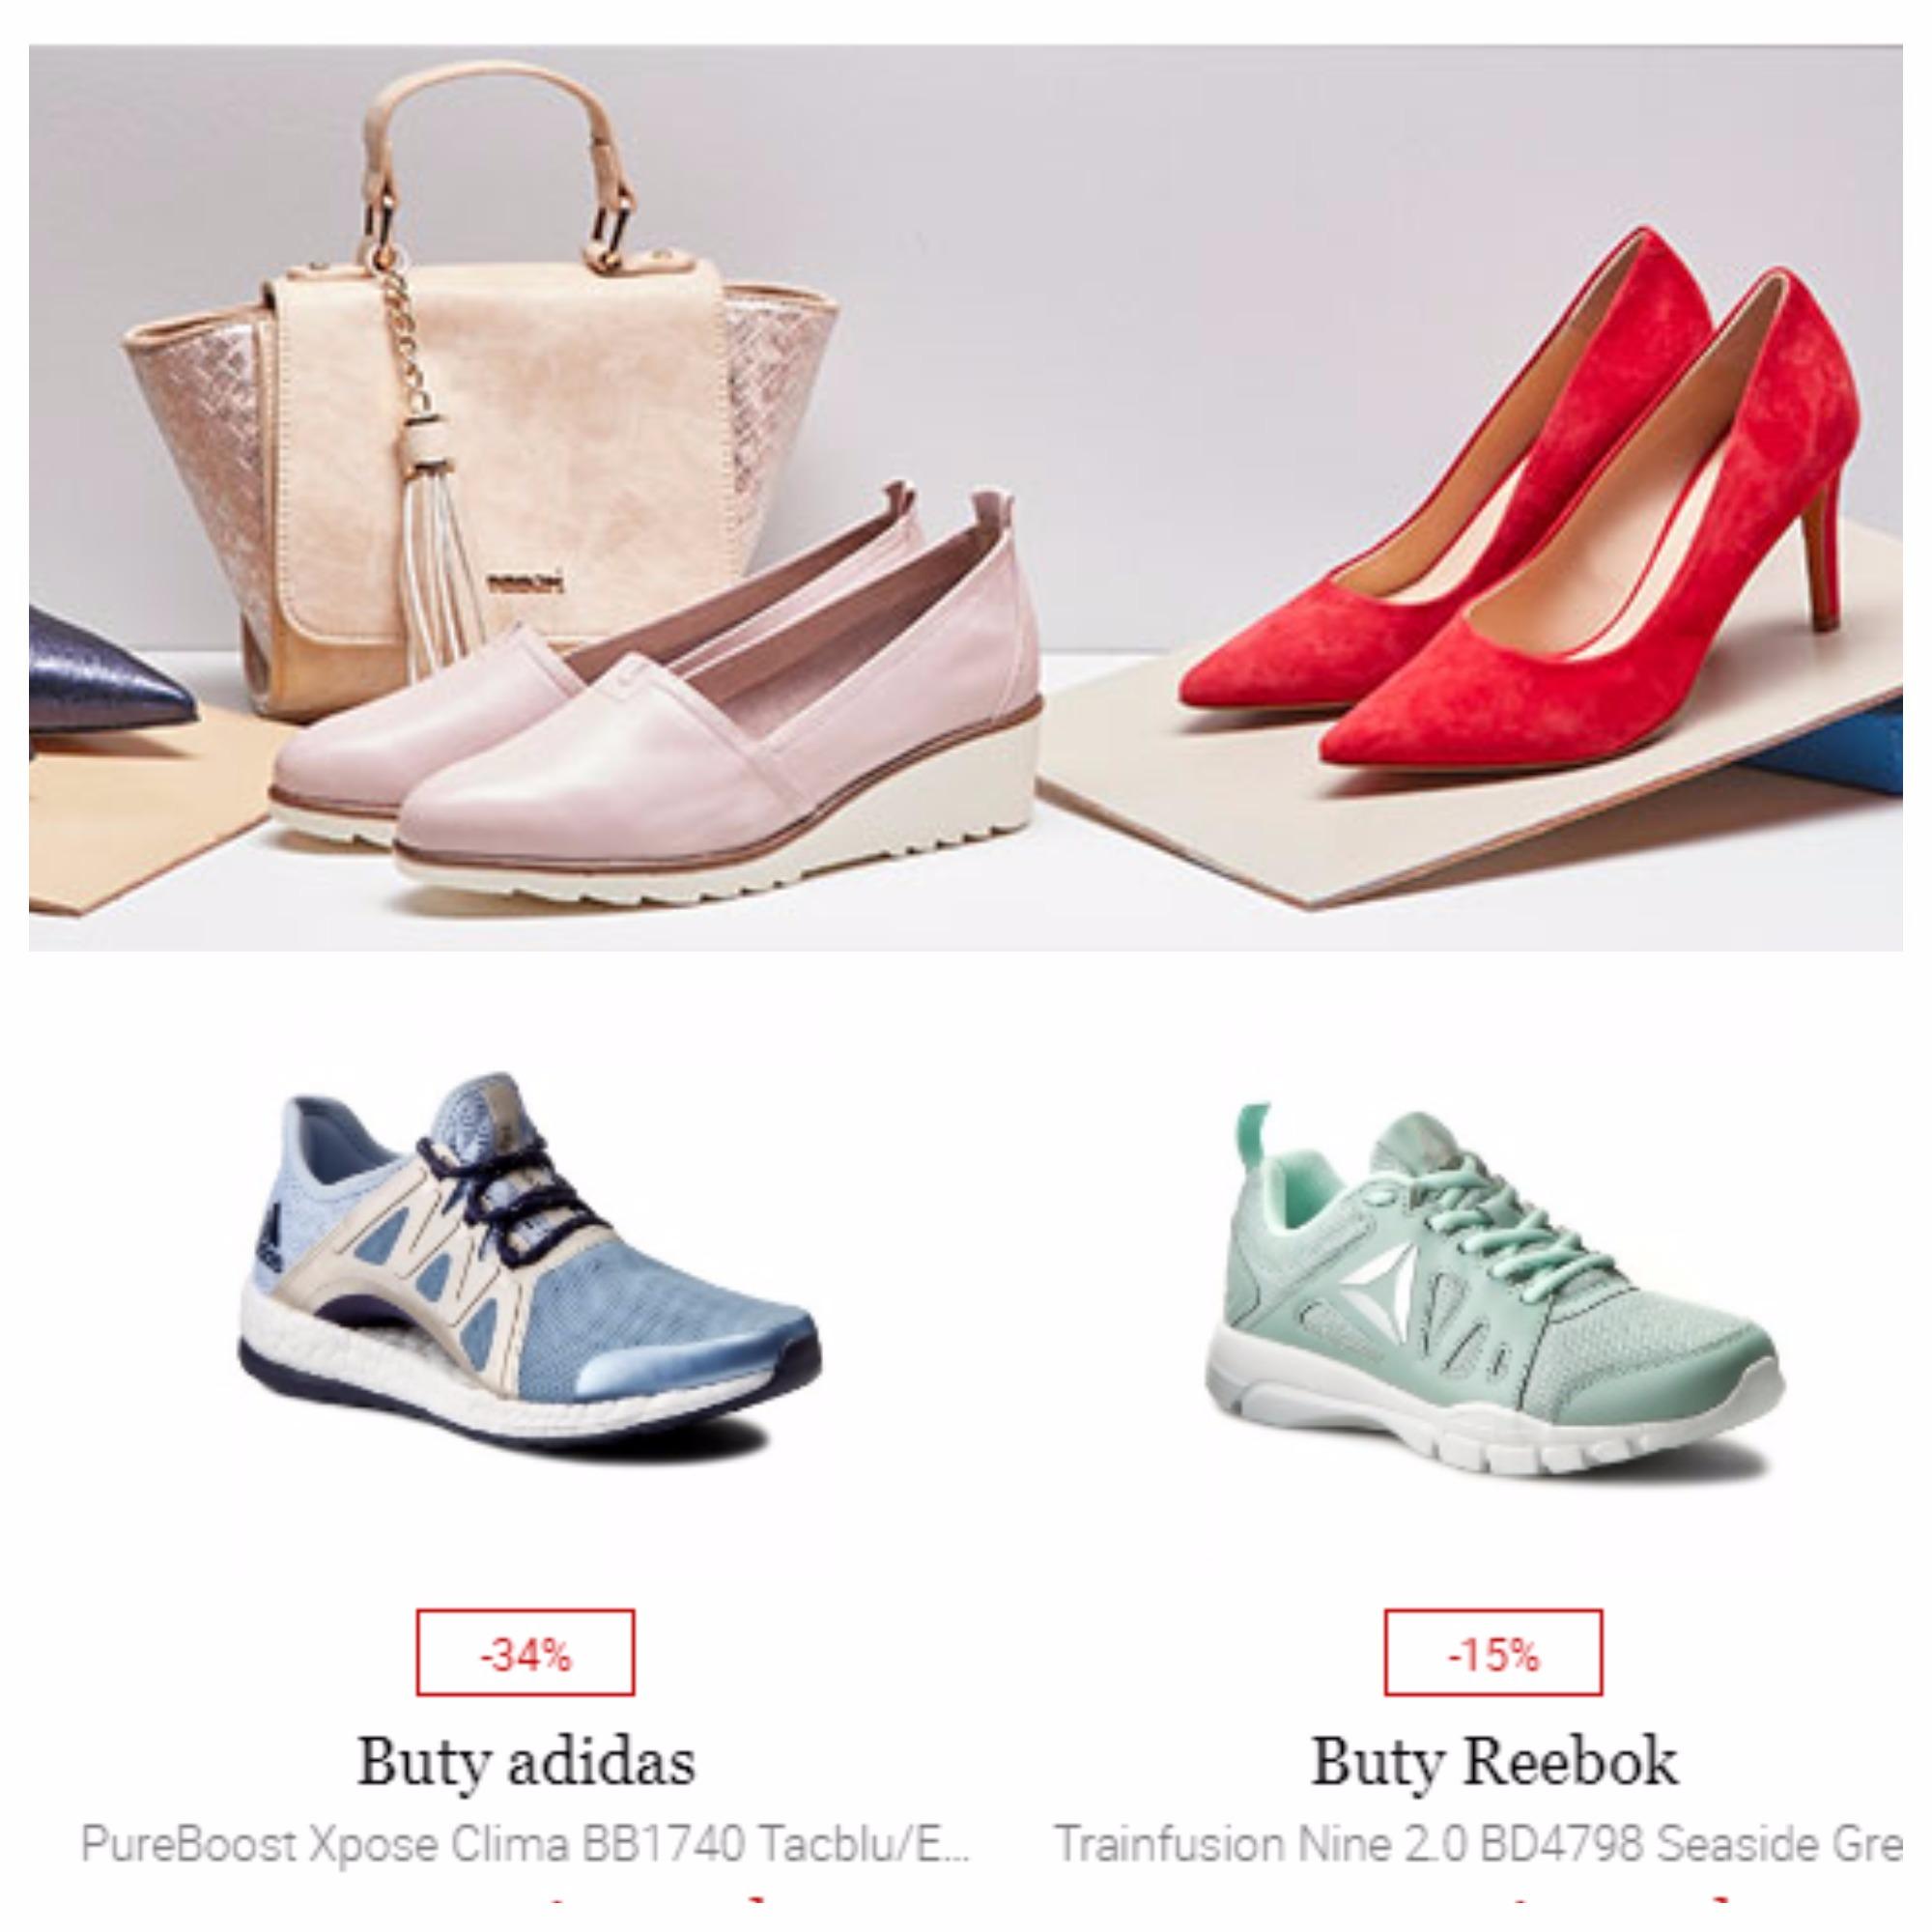 45c8fc36827c2 Здравствуйте! Принимаю заказы с Польского- интернет магазинов обуви , на  сайтах много качественной и недорогой обуви, есть известные бренды.